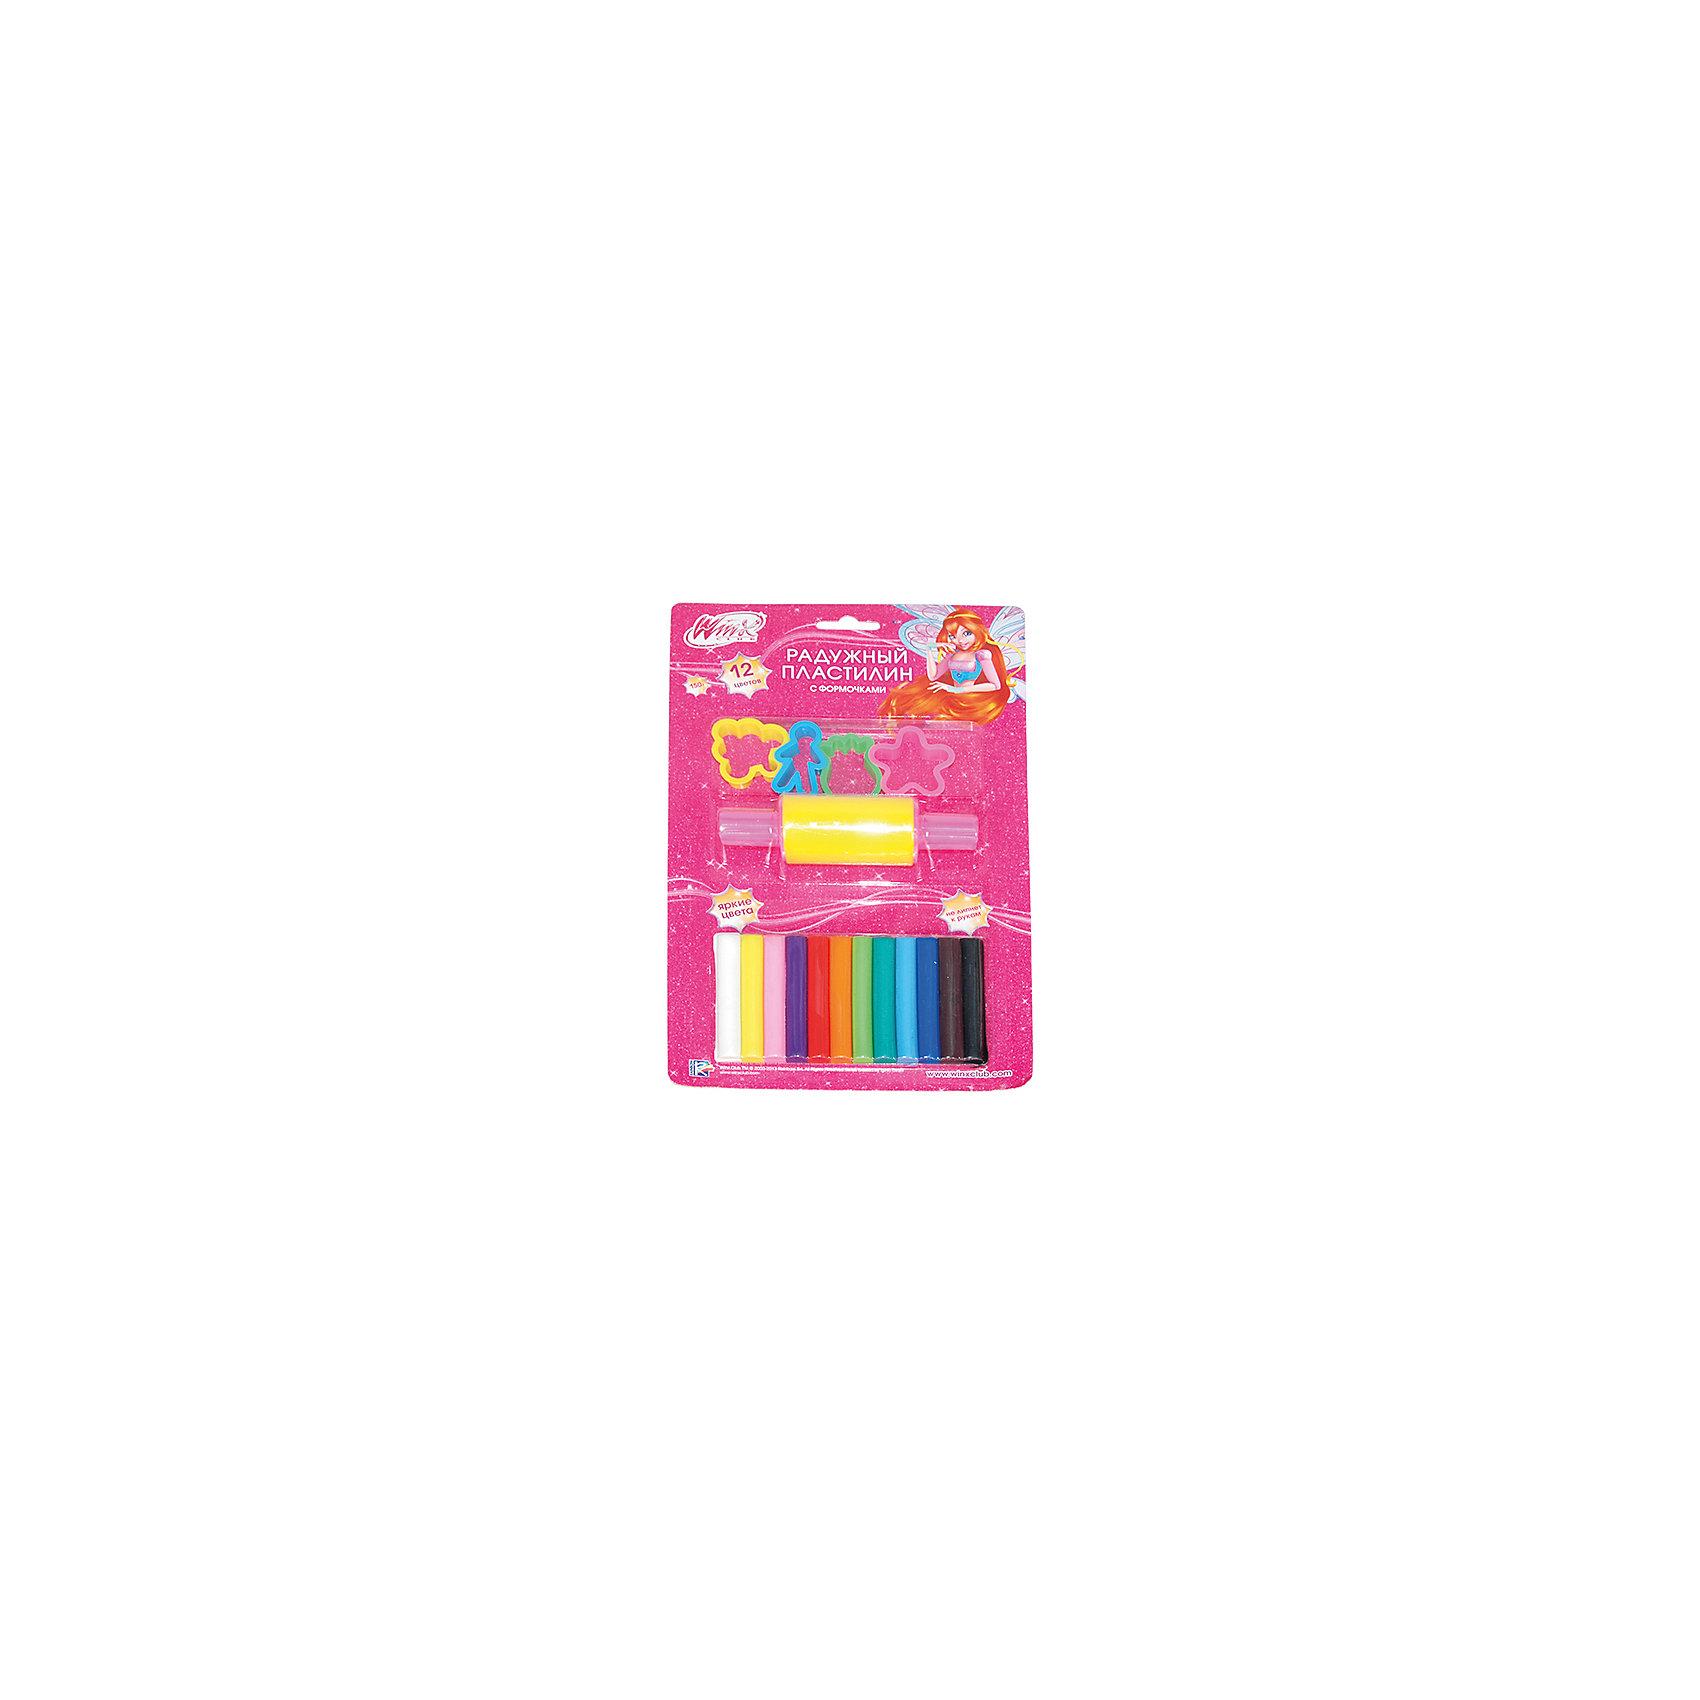 Пластилин с формочками, Winx Club, 12 цветовWinx Club<br>Помимо яркого пластилина, в набор Winx Club входят формочки и скалка, чтобы лепить стало еще интереснее. Пластилин прекрасно подойдет и для опытных, и для начинающих скульпторов. Легко мнется и не оставляет следов.<br>Дополнительная информация:<br>-в наборе: радужный пластилин 12 цветов, 4 формочки, скалка<br>Сказочный персонаж: Winx Club<br>-вес: 240 грамм<br>-размер упаковки: 19х30х3 см<br>Пластилин с формочками Winx Club можно приобрести в нашем интернет-магазине.<br><br>Ширина мм: 30<br>Глубина мм: 300<br>Высота мм: 190<br>Вес г: 240<br>Возраст от месяцев: 36<br>Возраст до месяцев: 84<br>Пол: Женский<br>Возраст: Детский<br>SKU: 4915460